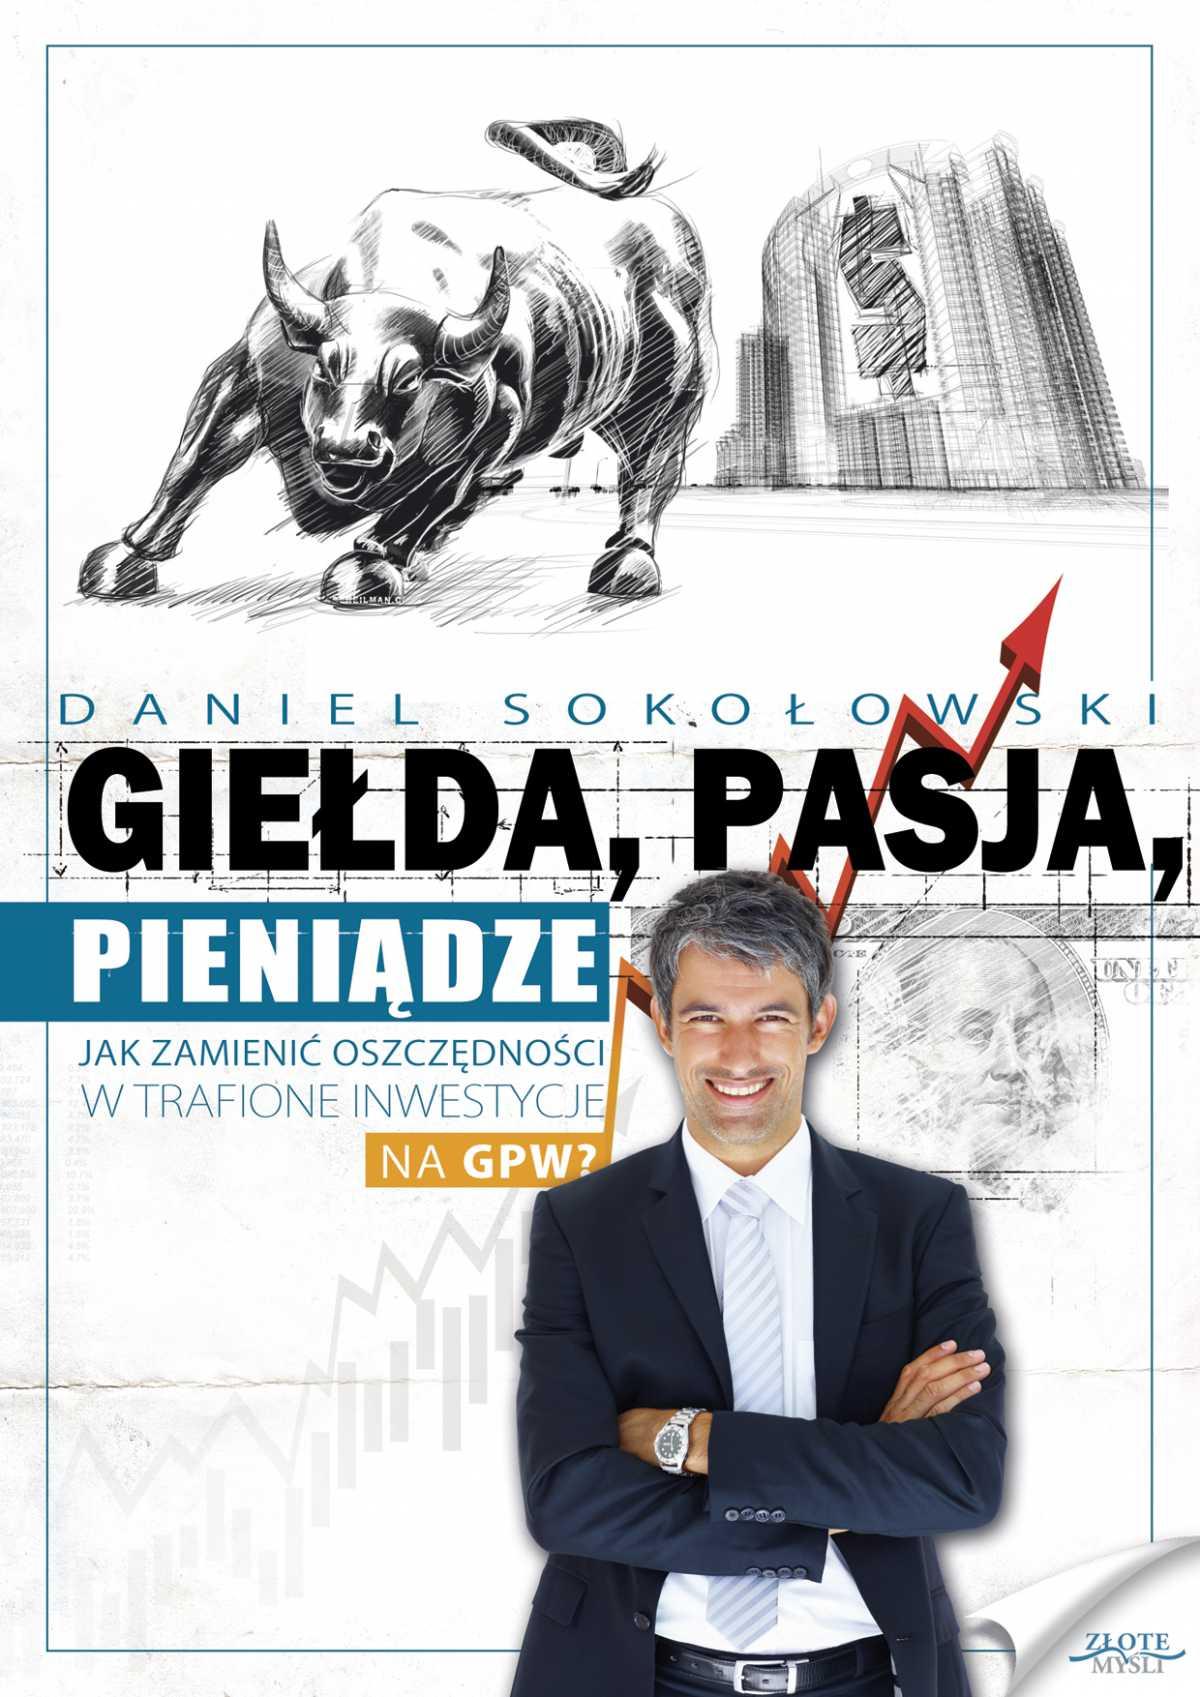 Giełda, pasja, pieniądze! - Ebook (Książka PDF) do pobrania w formacie PDF